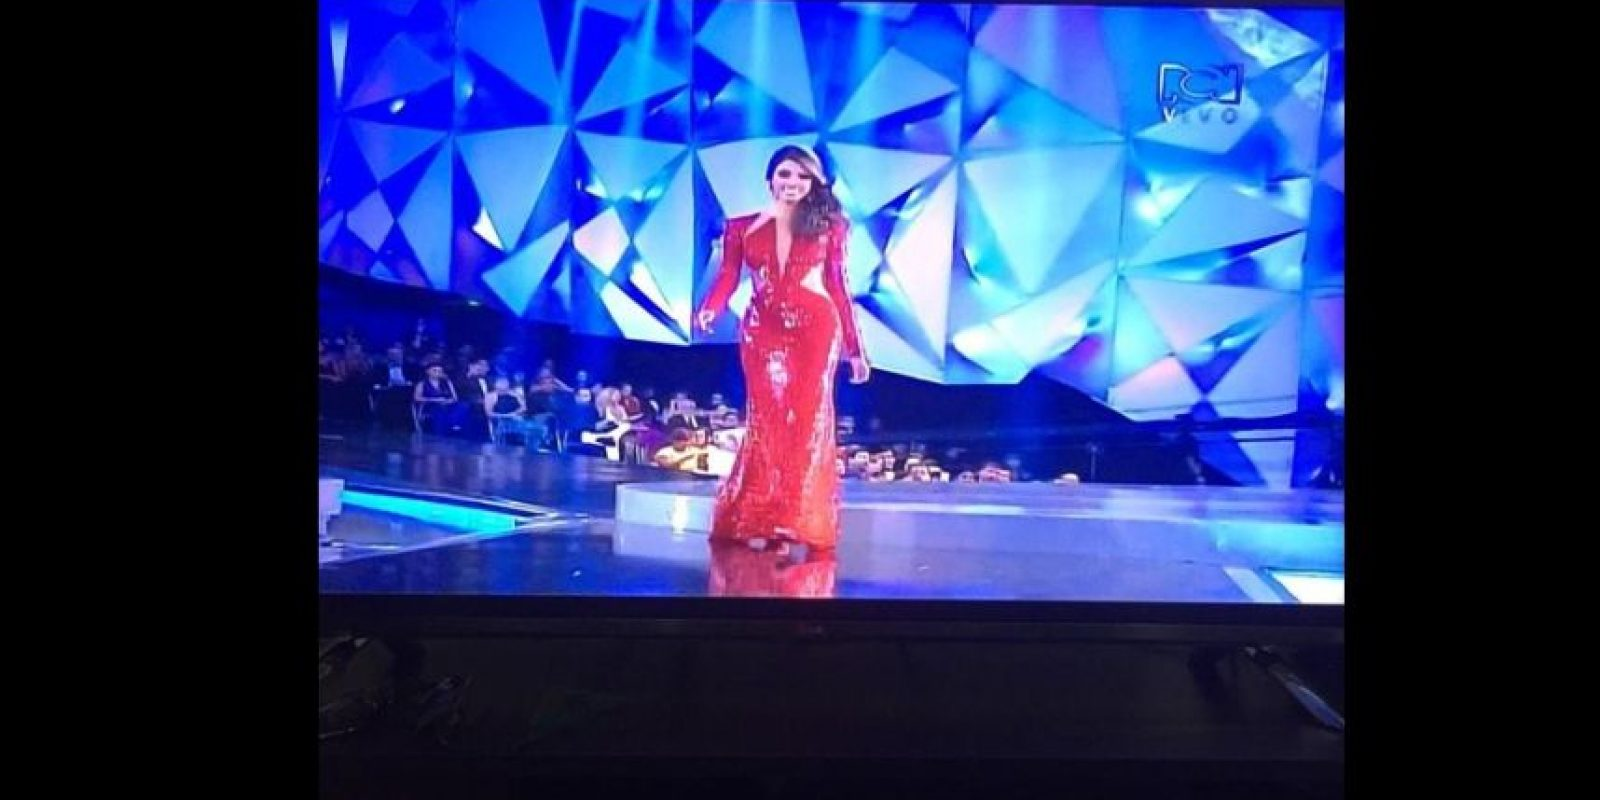 La señorita Valle recibió los peores comentarios por su vestido rojo Foto:Twitter